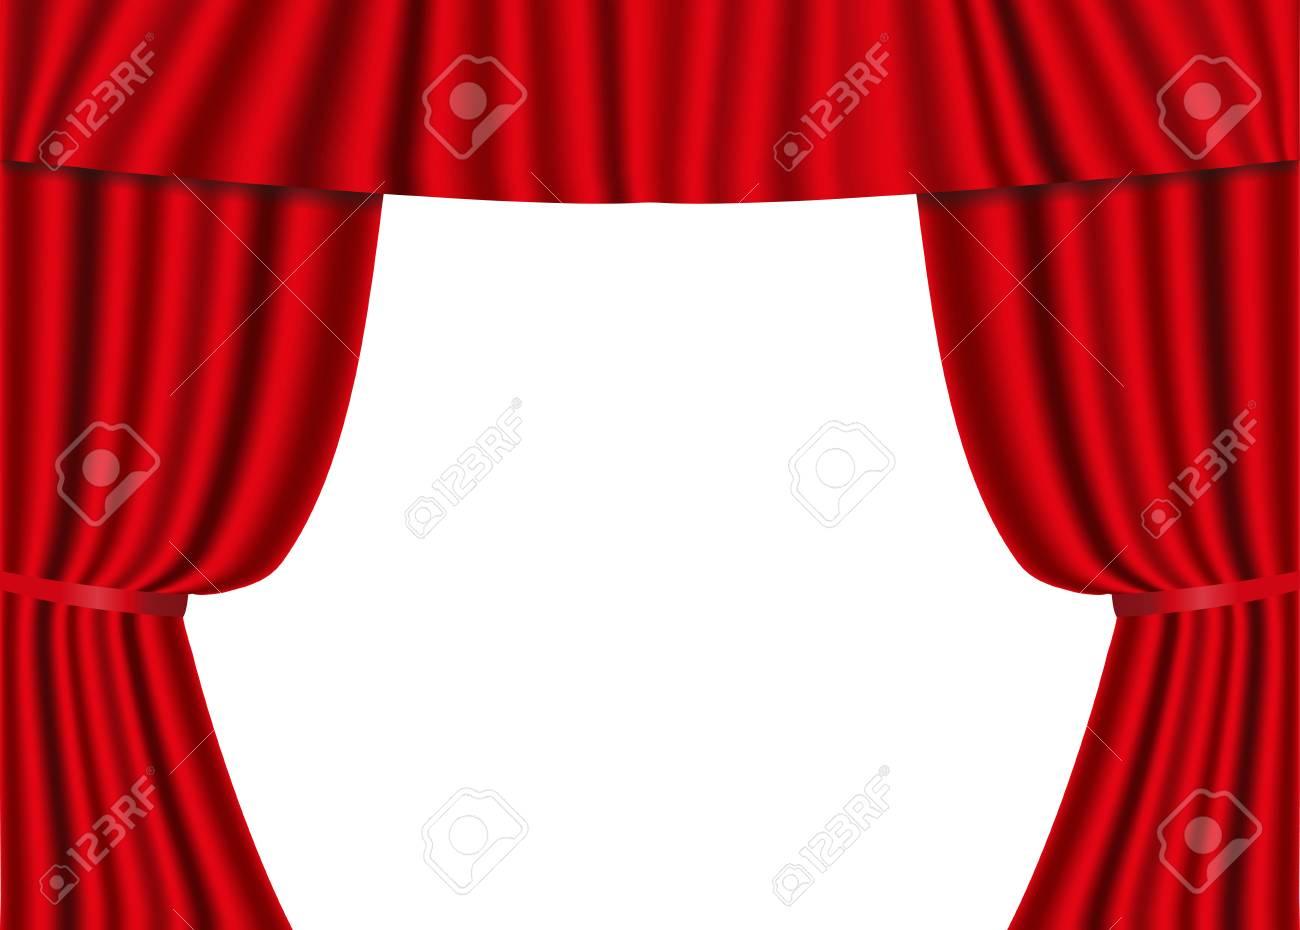 rode open gordijnen gesoleerd op een witte achtergrond luxe dieprode rode zijde fluweel